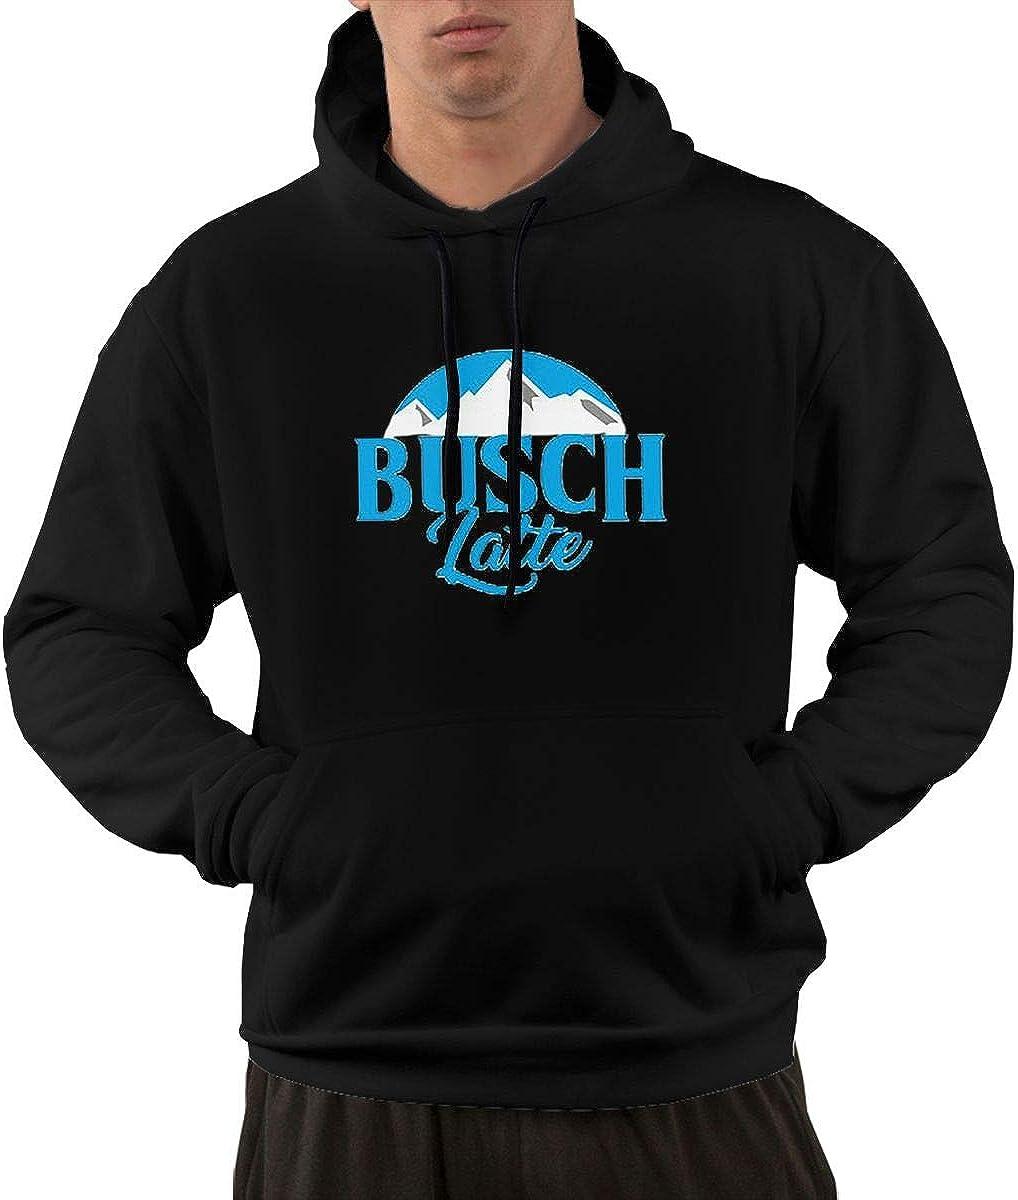 HelplesS Busch Latte Cool Mens Hoodie Black